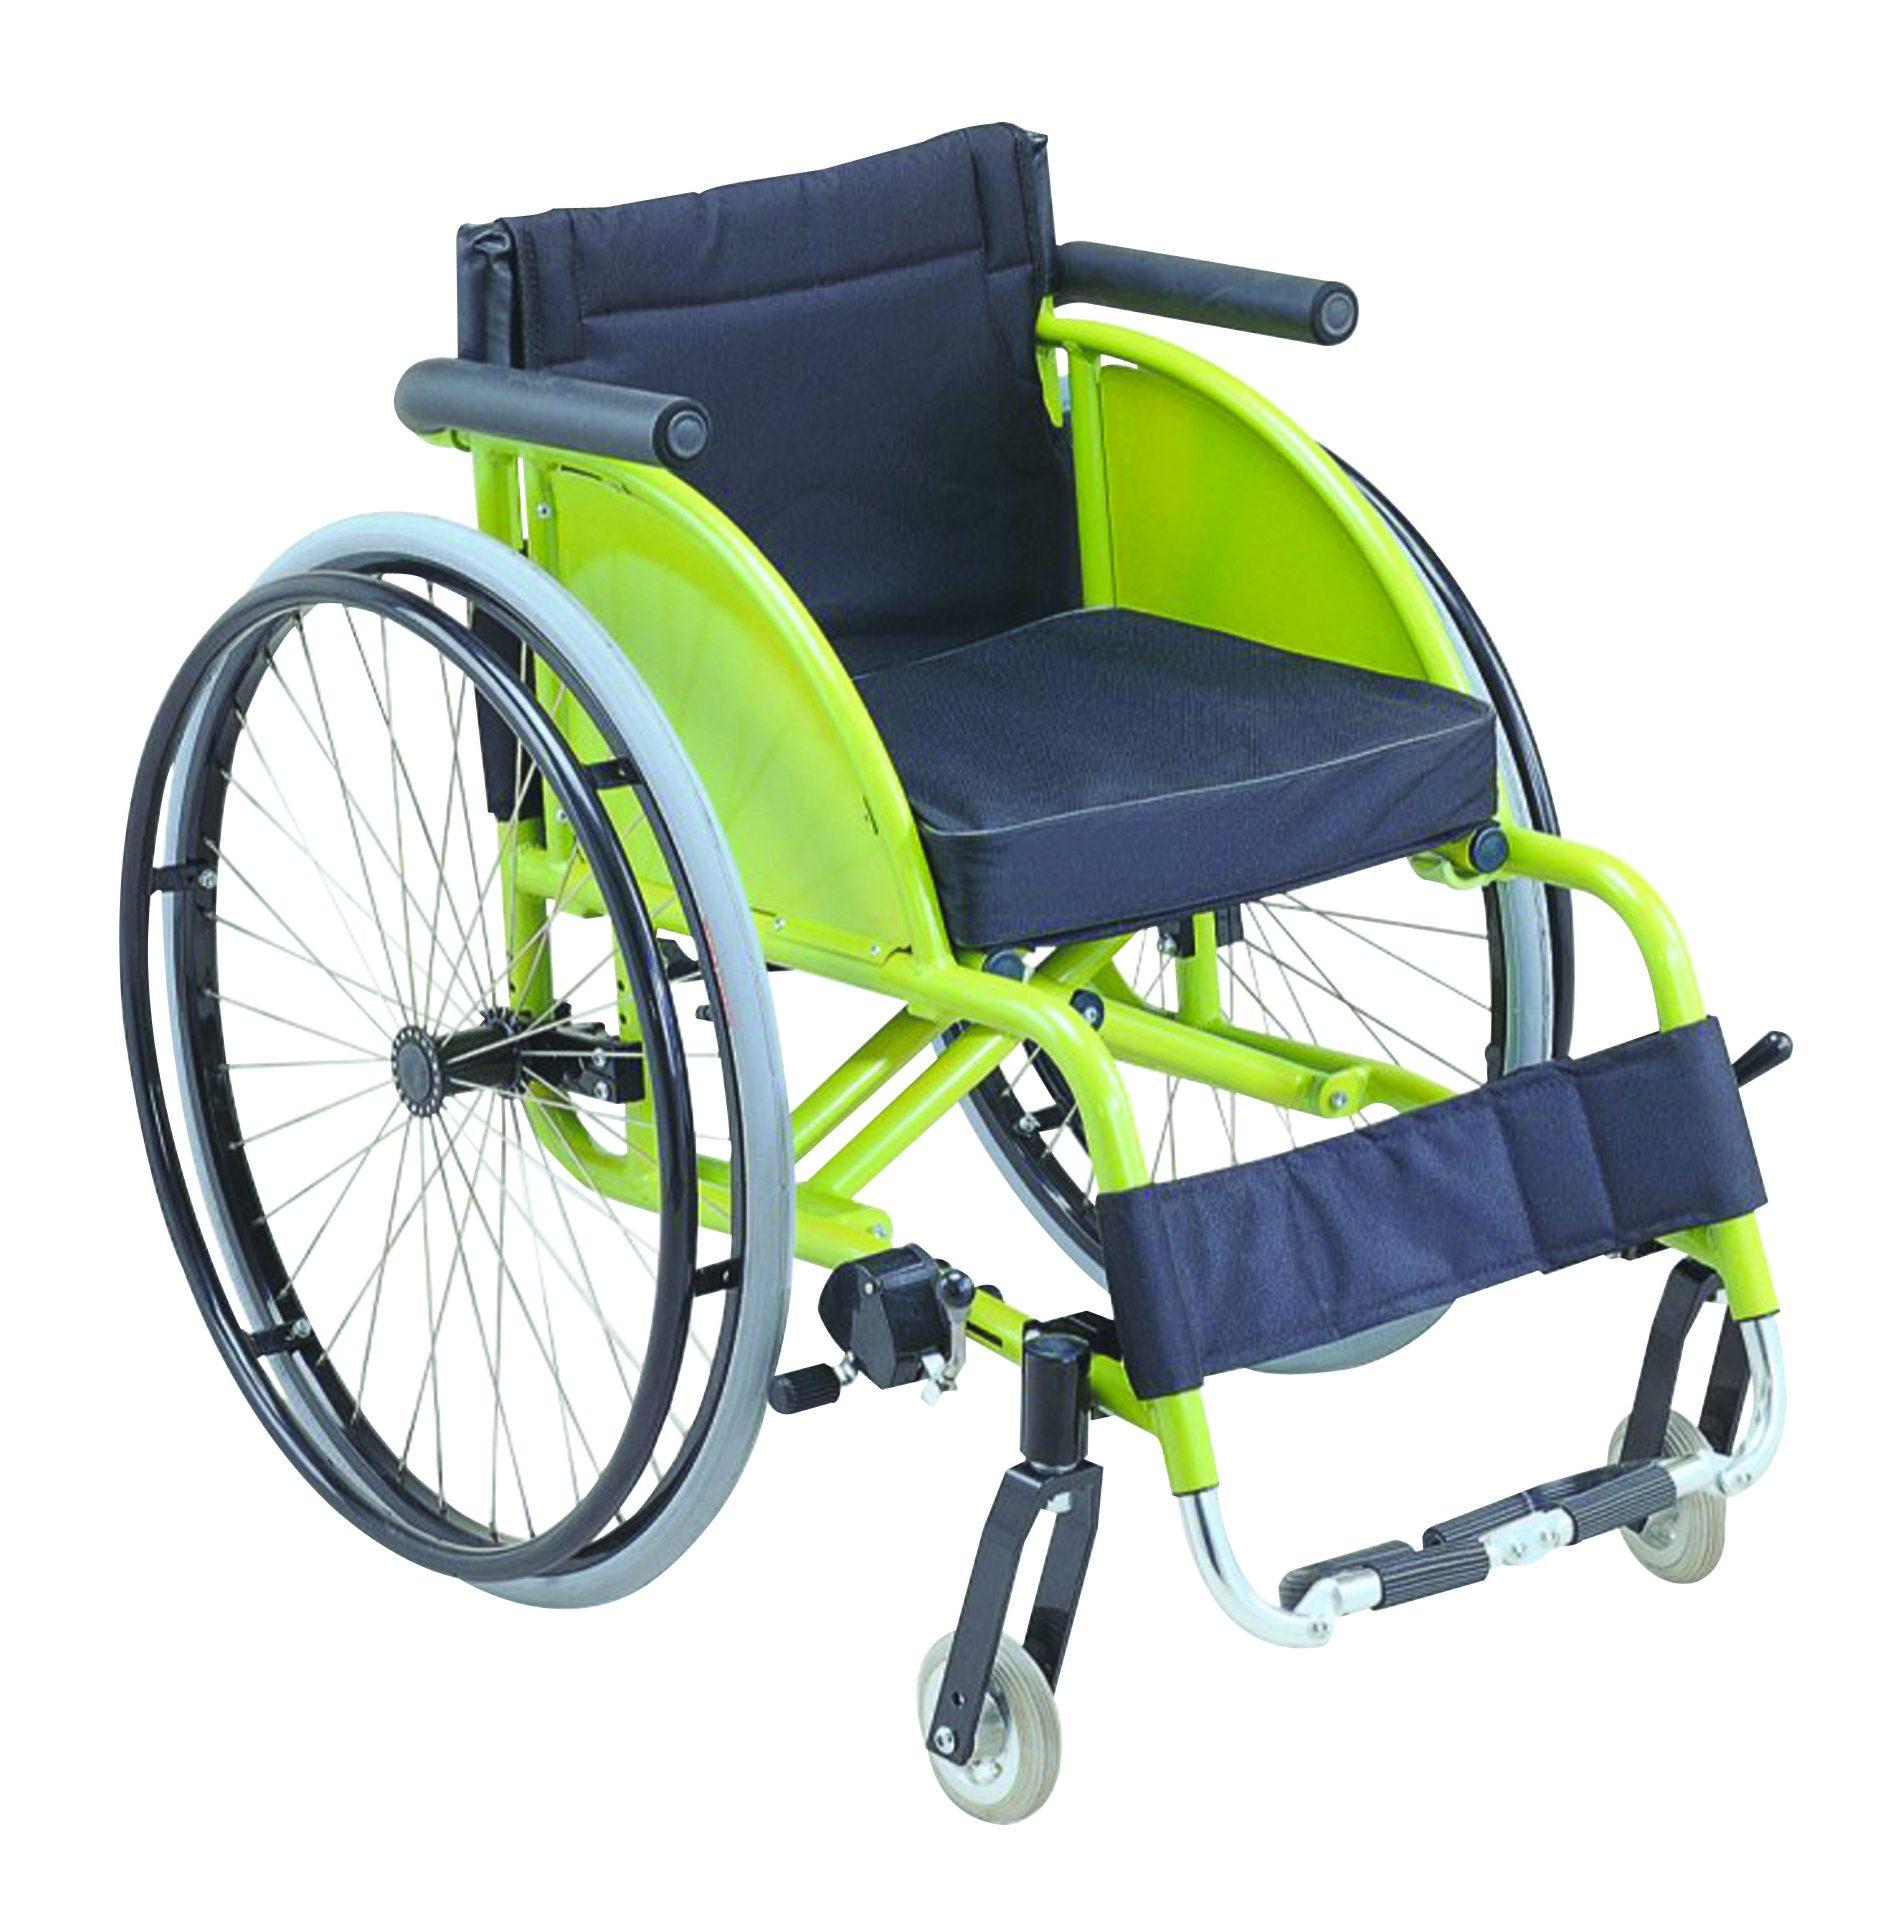 Leisure Wheelchair Code Wch 2214 Le Esco